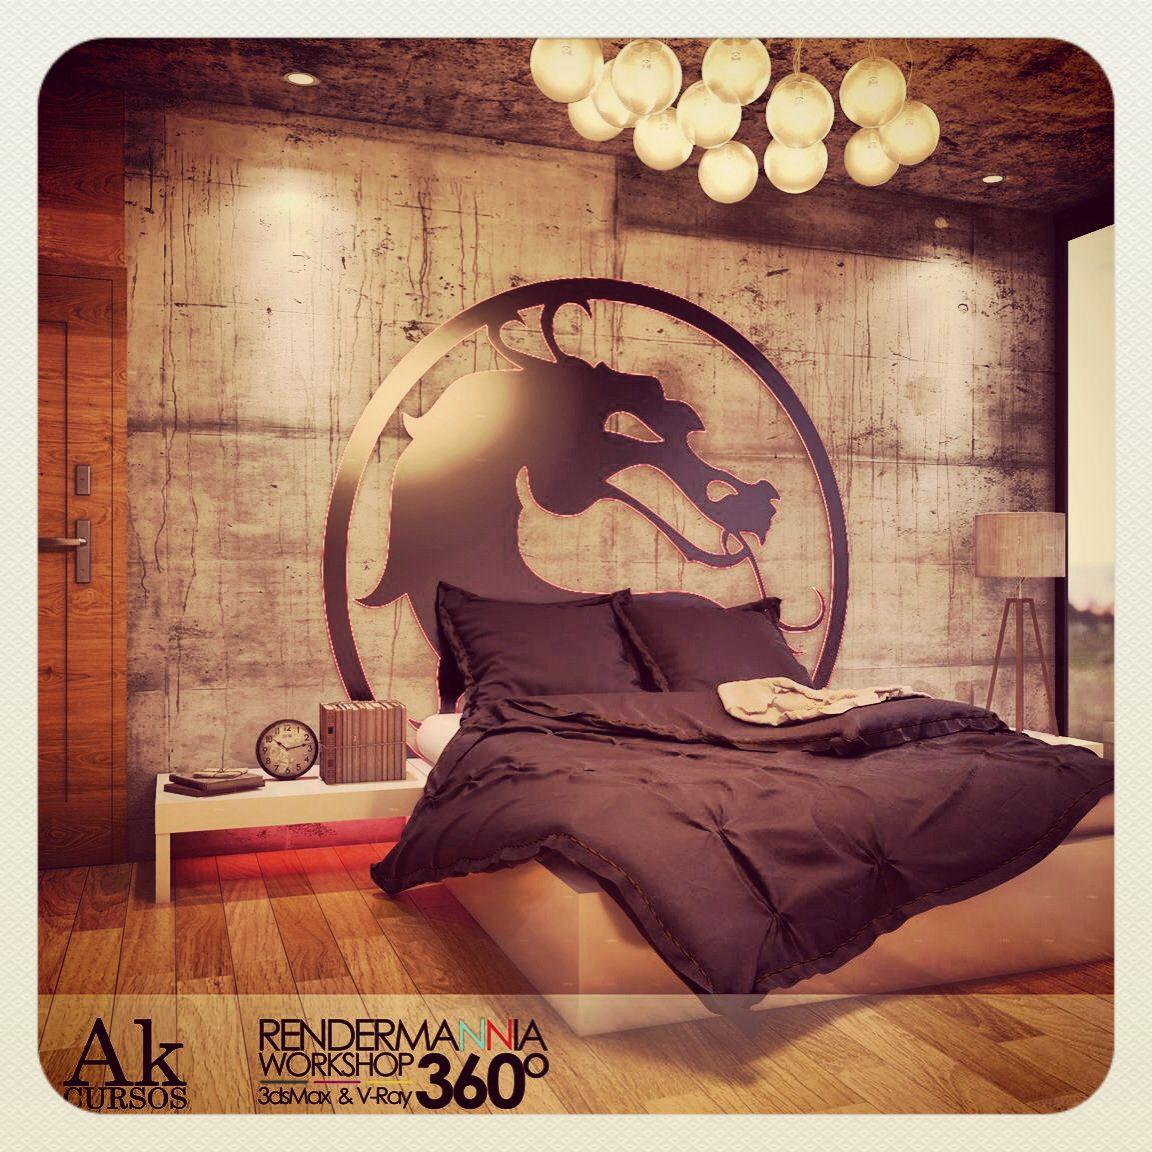 www.akcursos.com. mortal komba